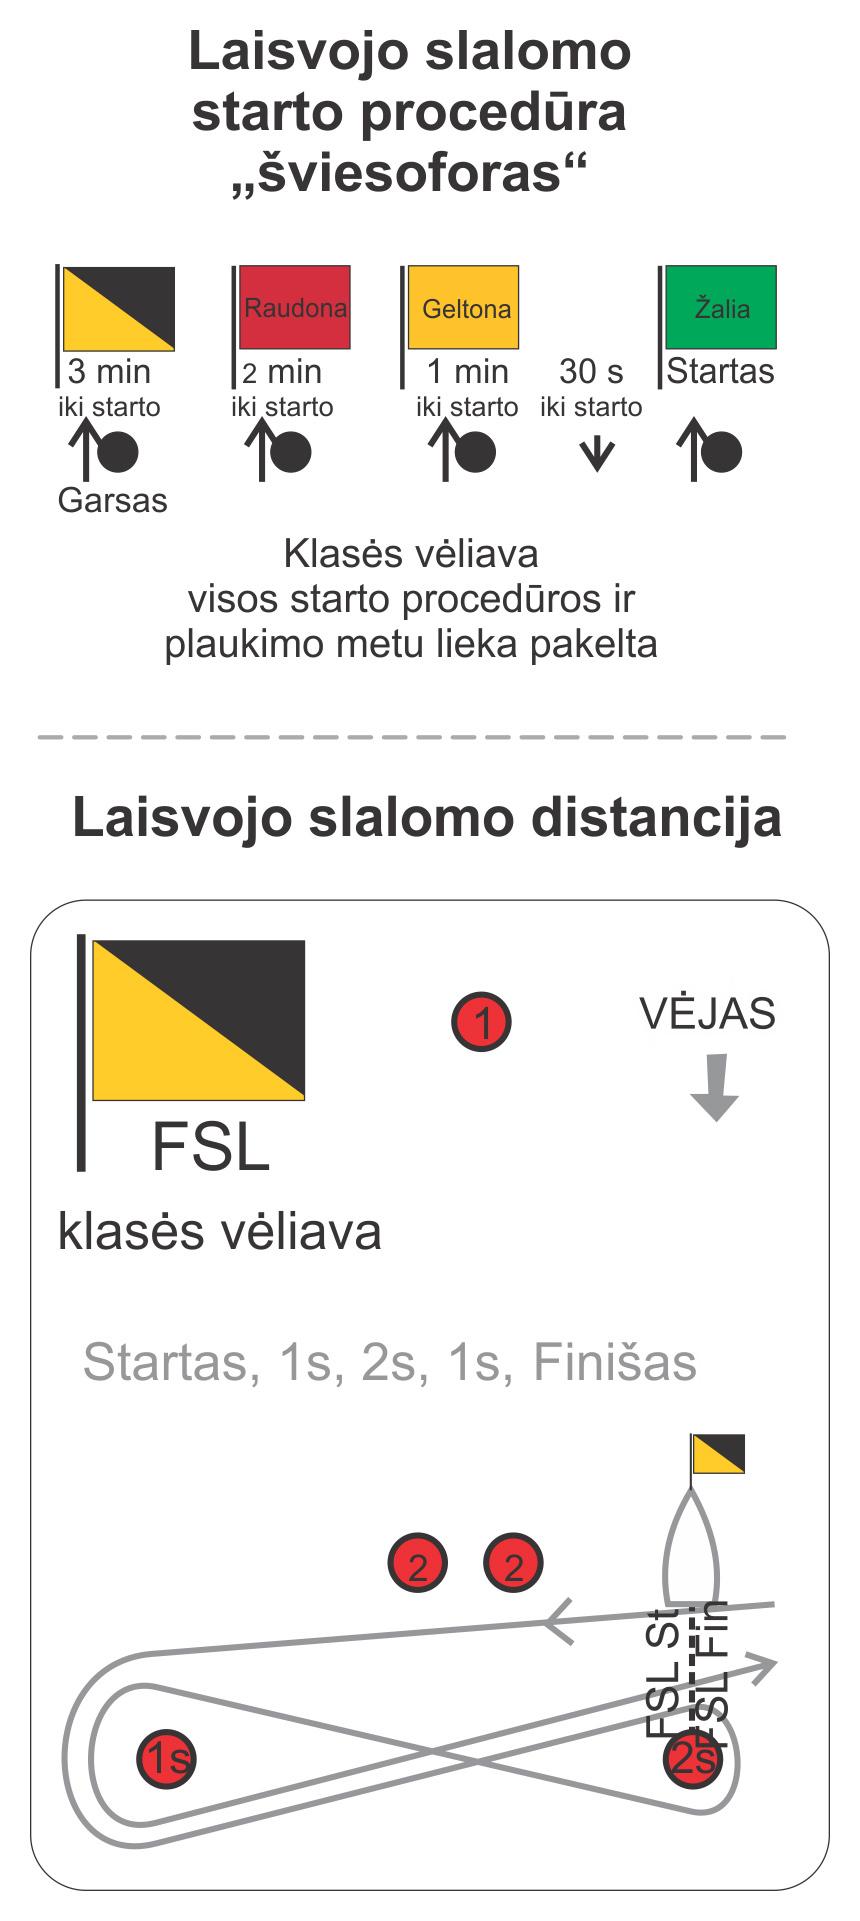 Burlenčių laisvojo slalomo starto procedūra ir distancijos apiplaukimo schema. Startas - 1s - 2s - 1s - Finišas